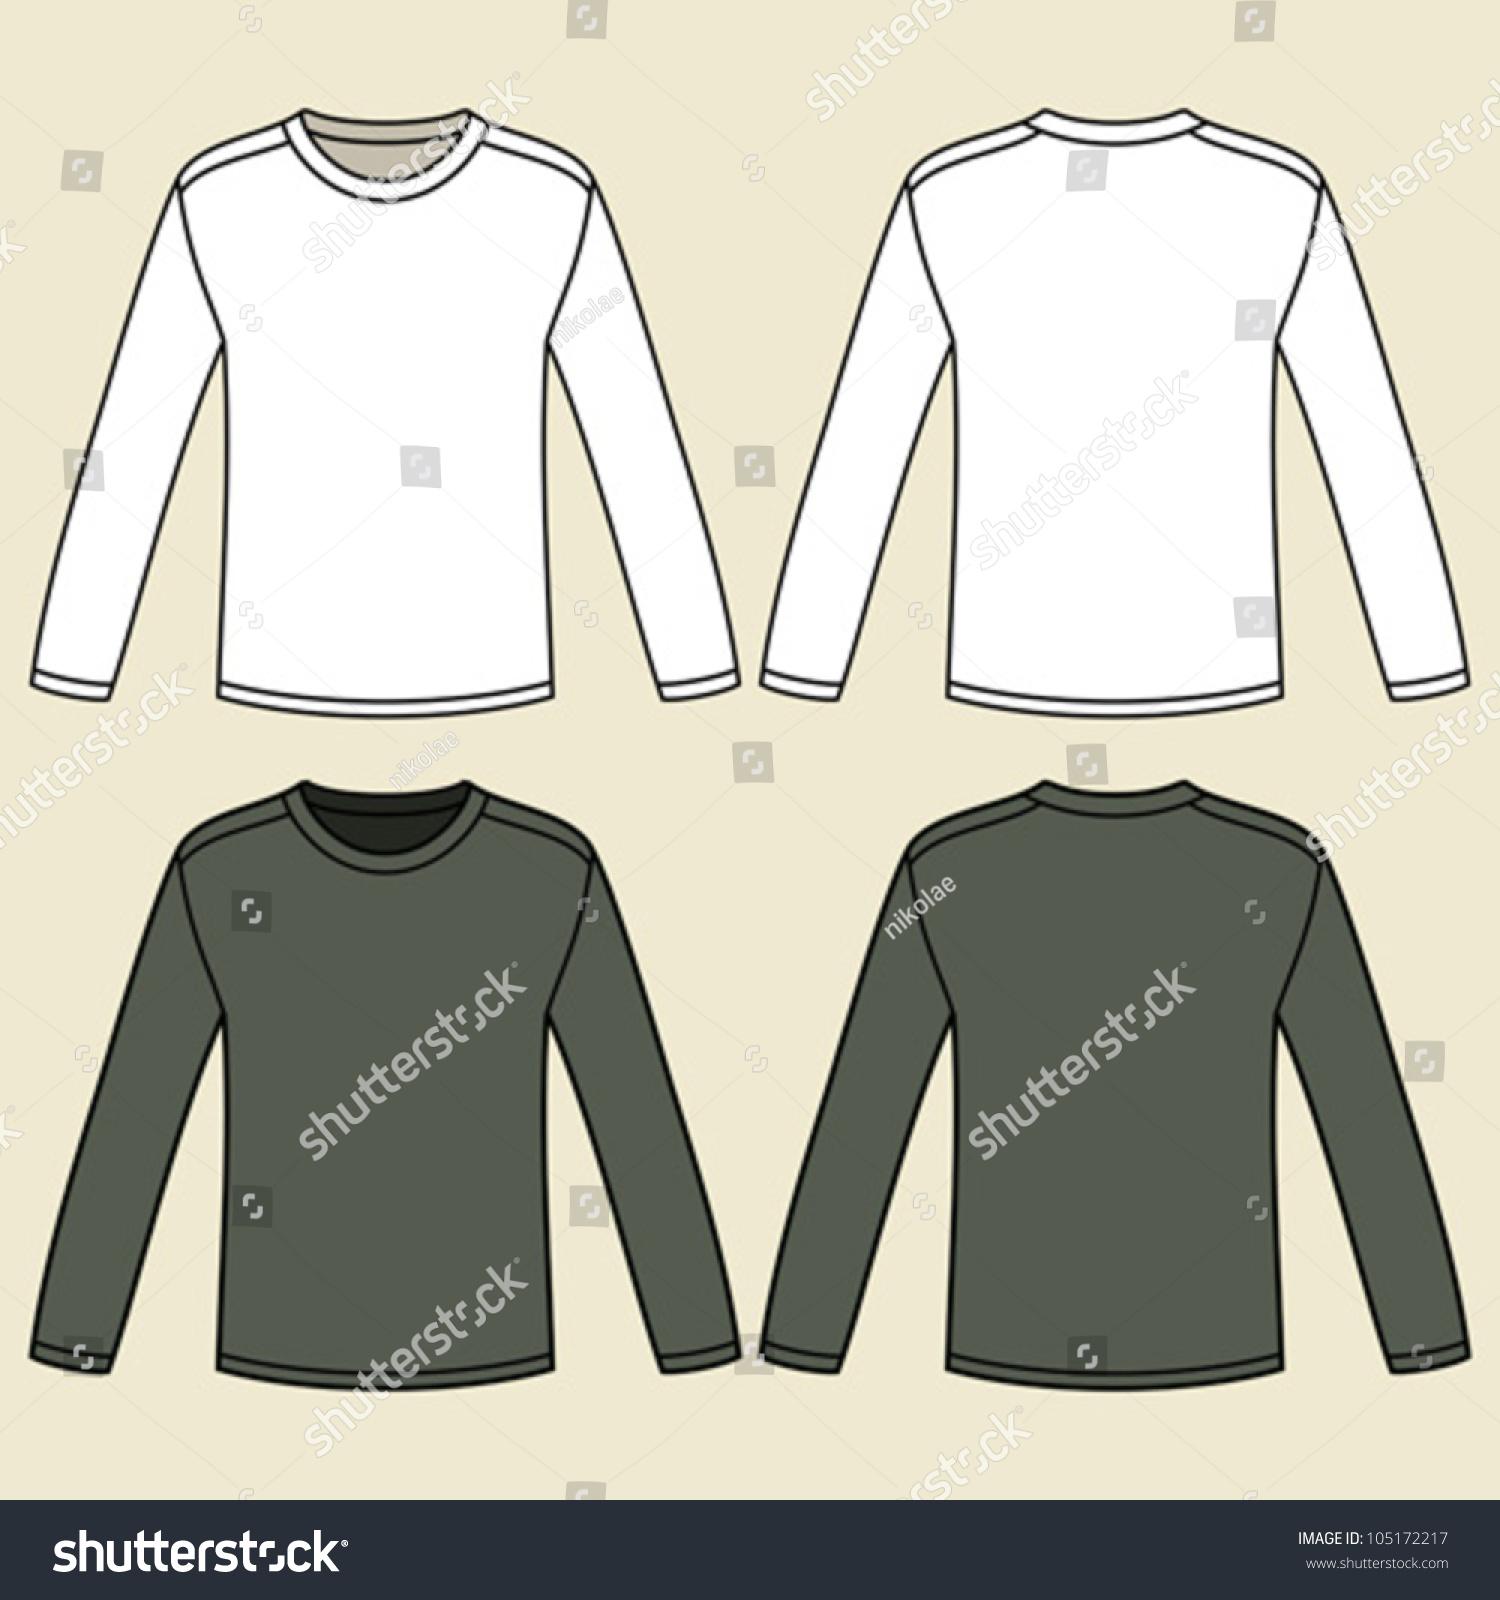 Charmant T Shirt Vorlage Ai Zeitgenössisch - Entry Level Resume ...